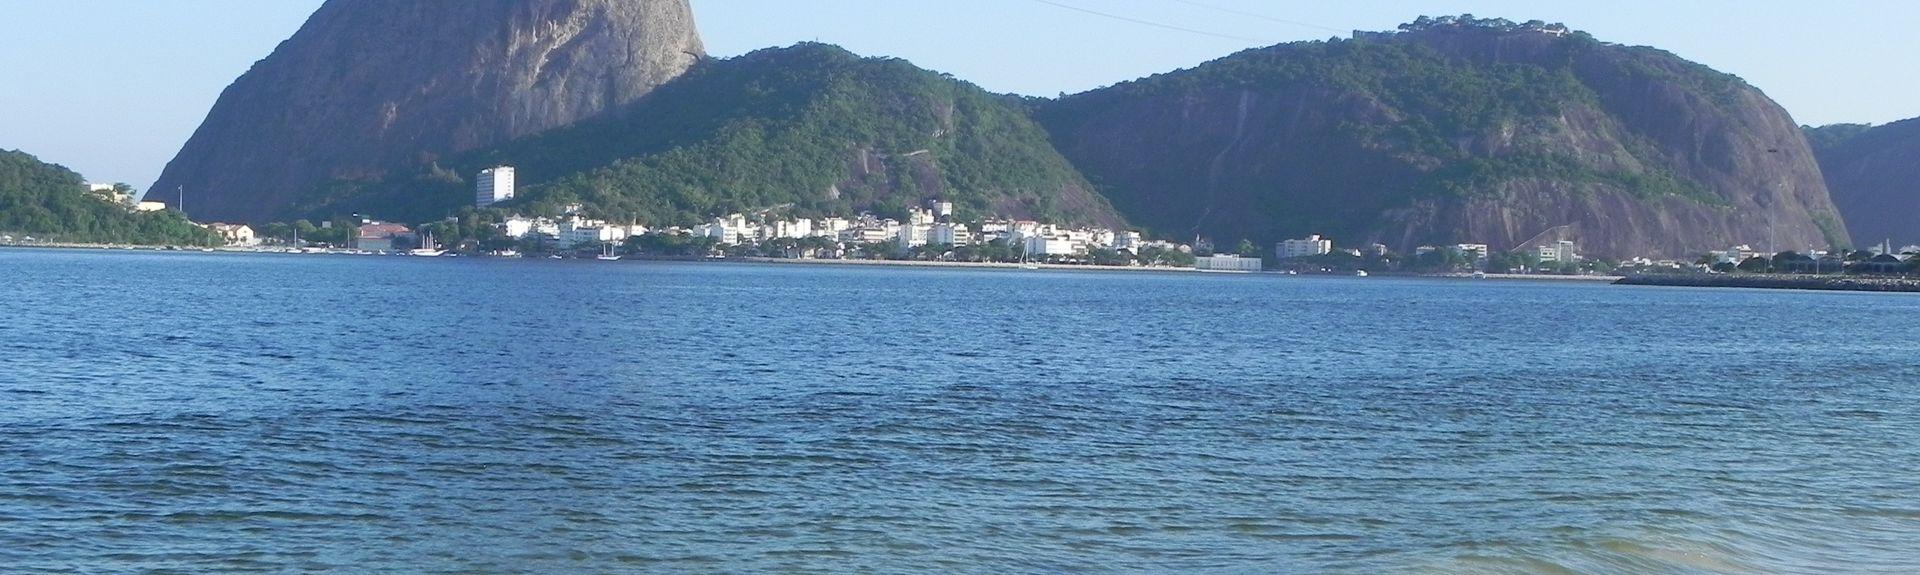 Santa Teresa, Rio de Janeiro, State of Rio de Janeiro, Brazil